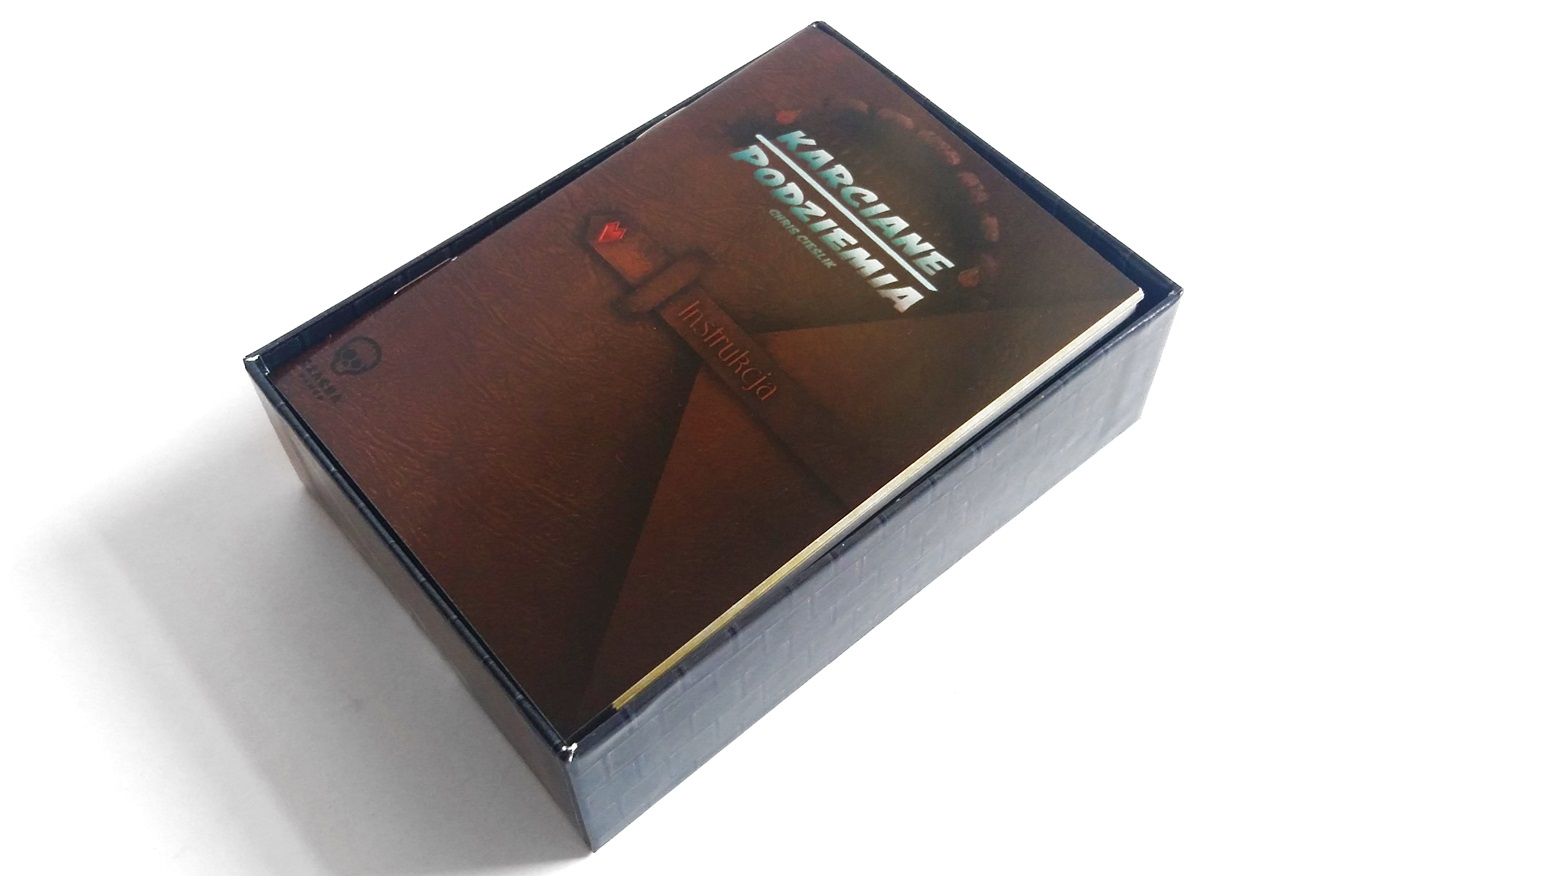 Karciane Podziemia 2 Unboxing #2 Karciane Podziemia